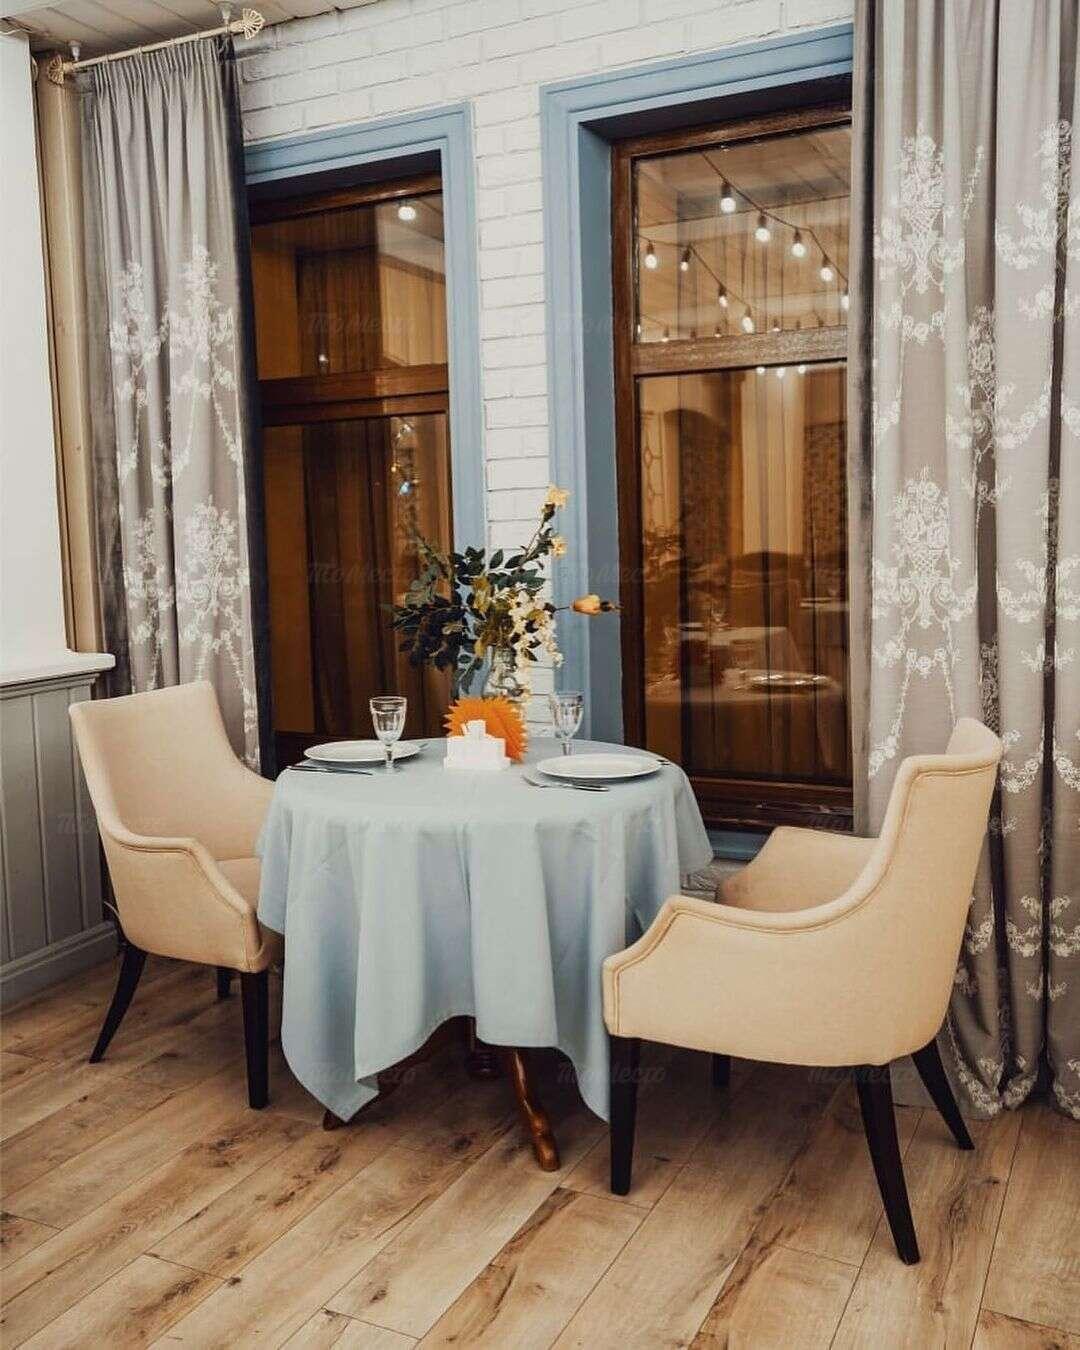 Ресторан Хванчкара на улице Селезнёва фото 5